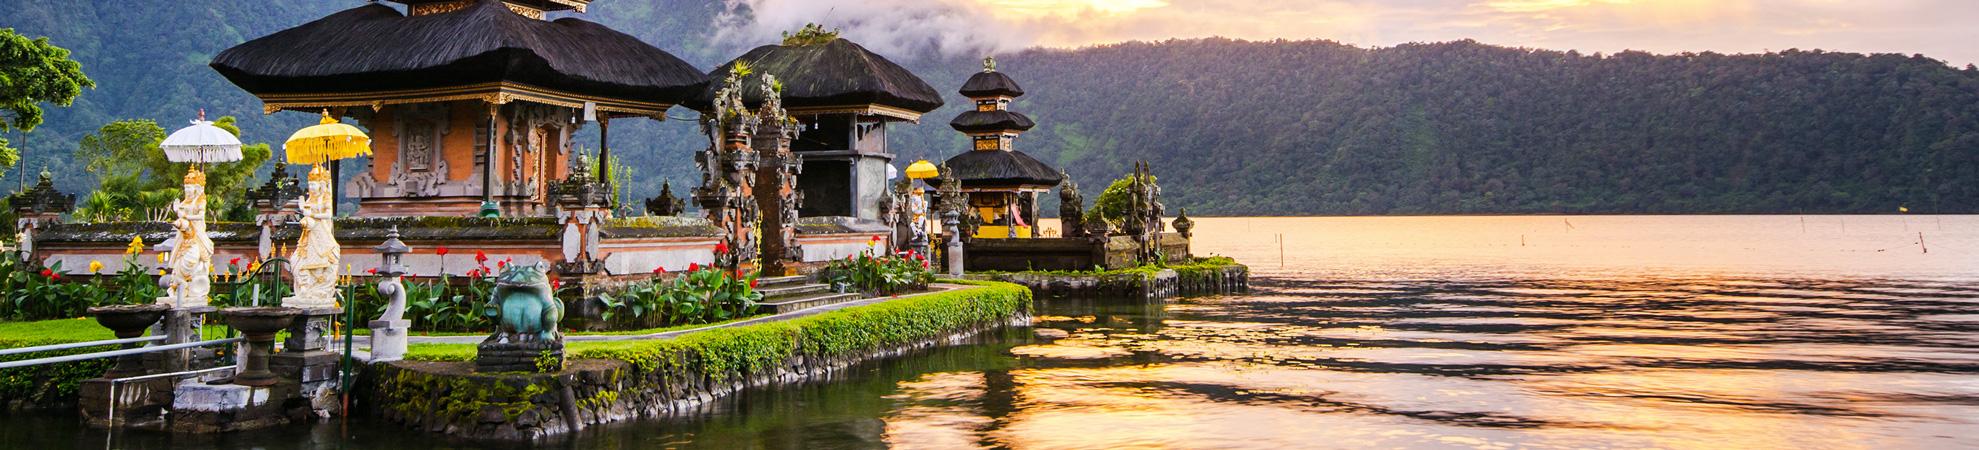 Comment se rendre à Bali